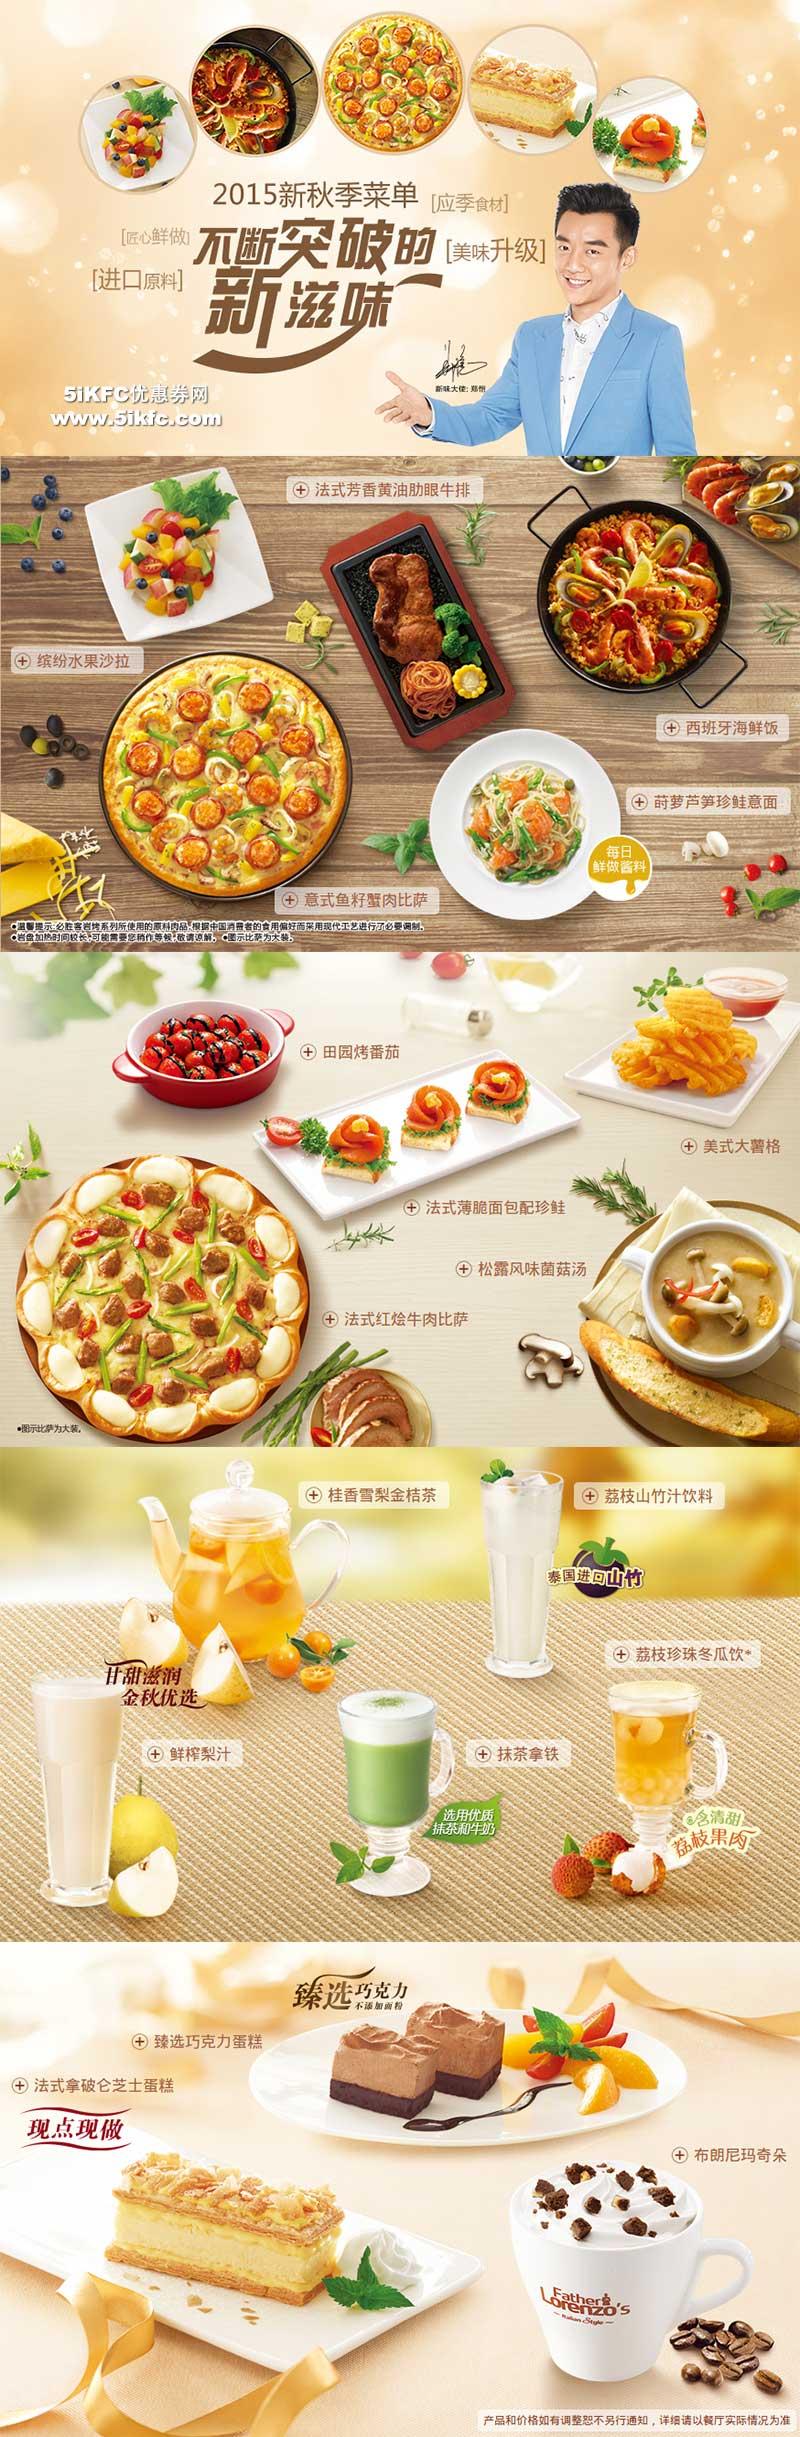 必胜客秋季新菜单,秋天必胜客新菜单,意式鱼籽蟹肉比萨等多款新滋味.